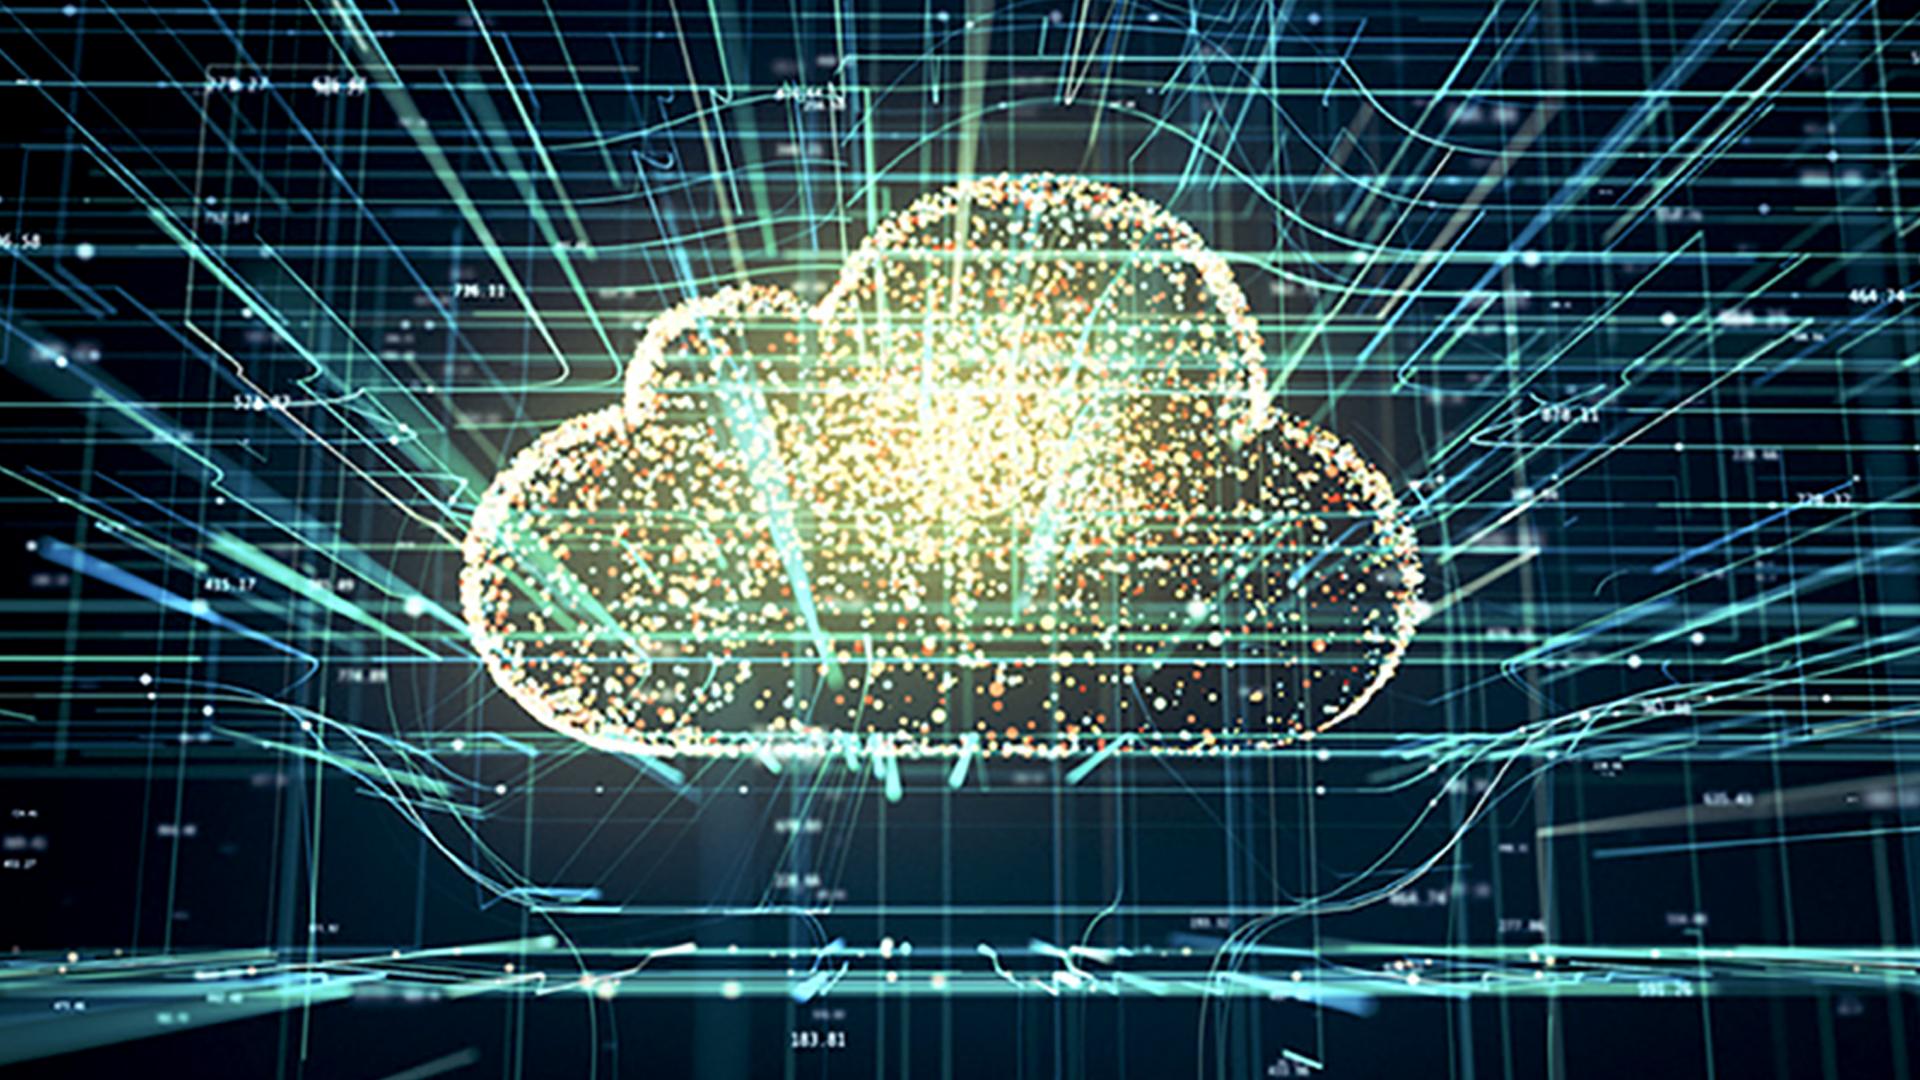 I benefici e il controllo che solo il private cloud può darti: altamente governabile e base ideale per costruire un hybrid cloud perfetto